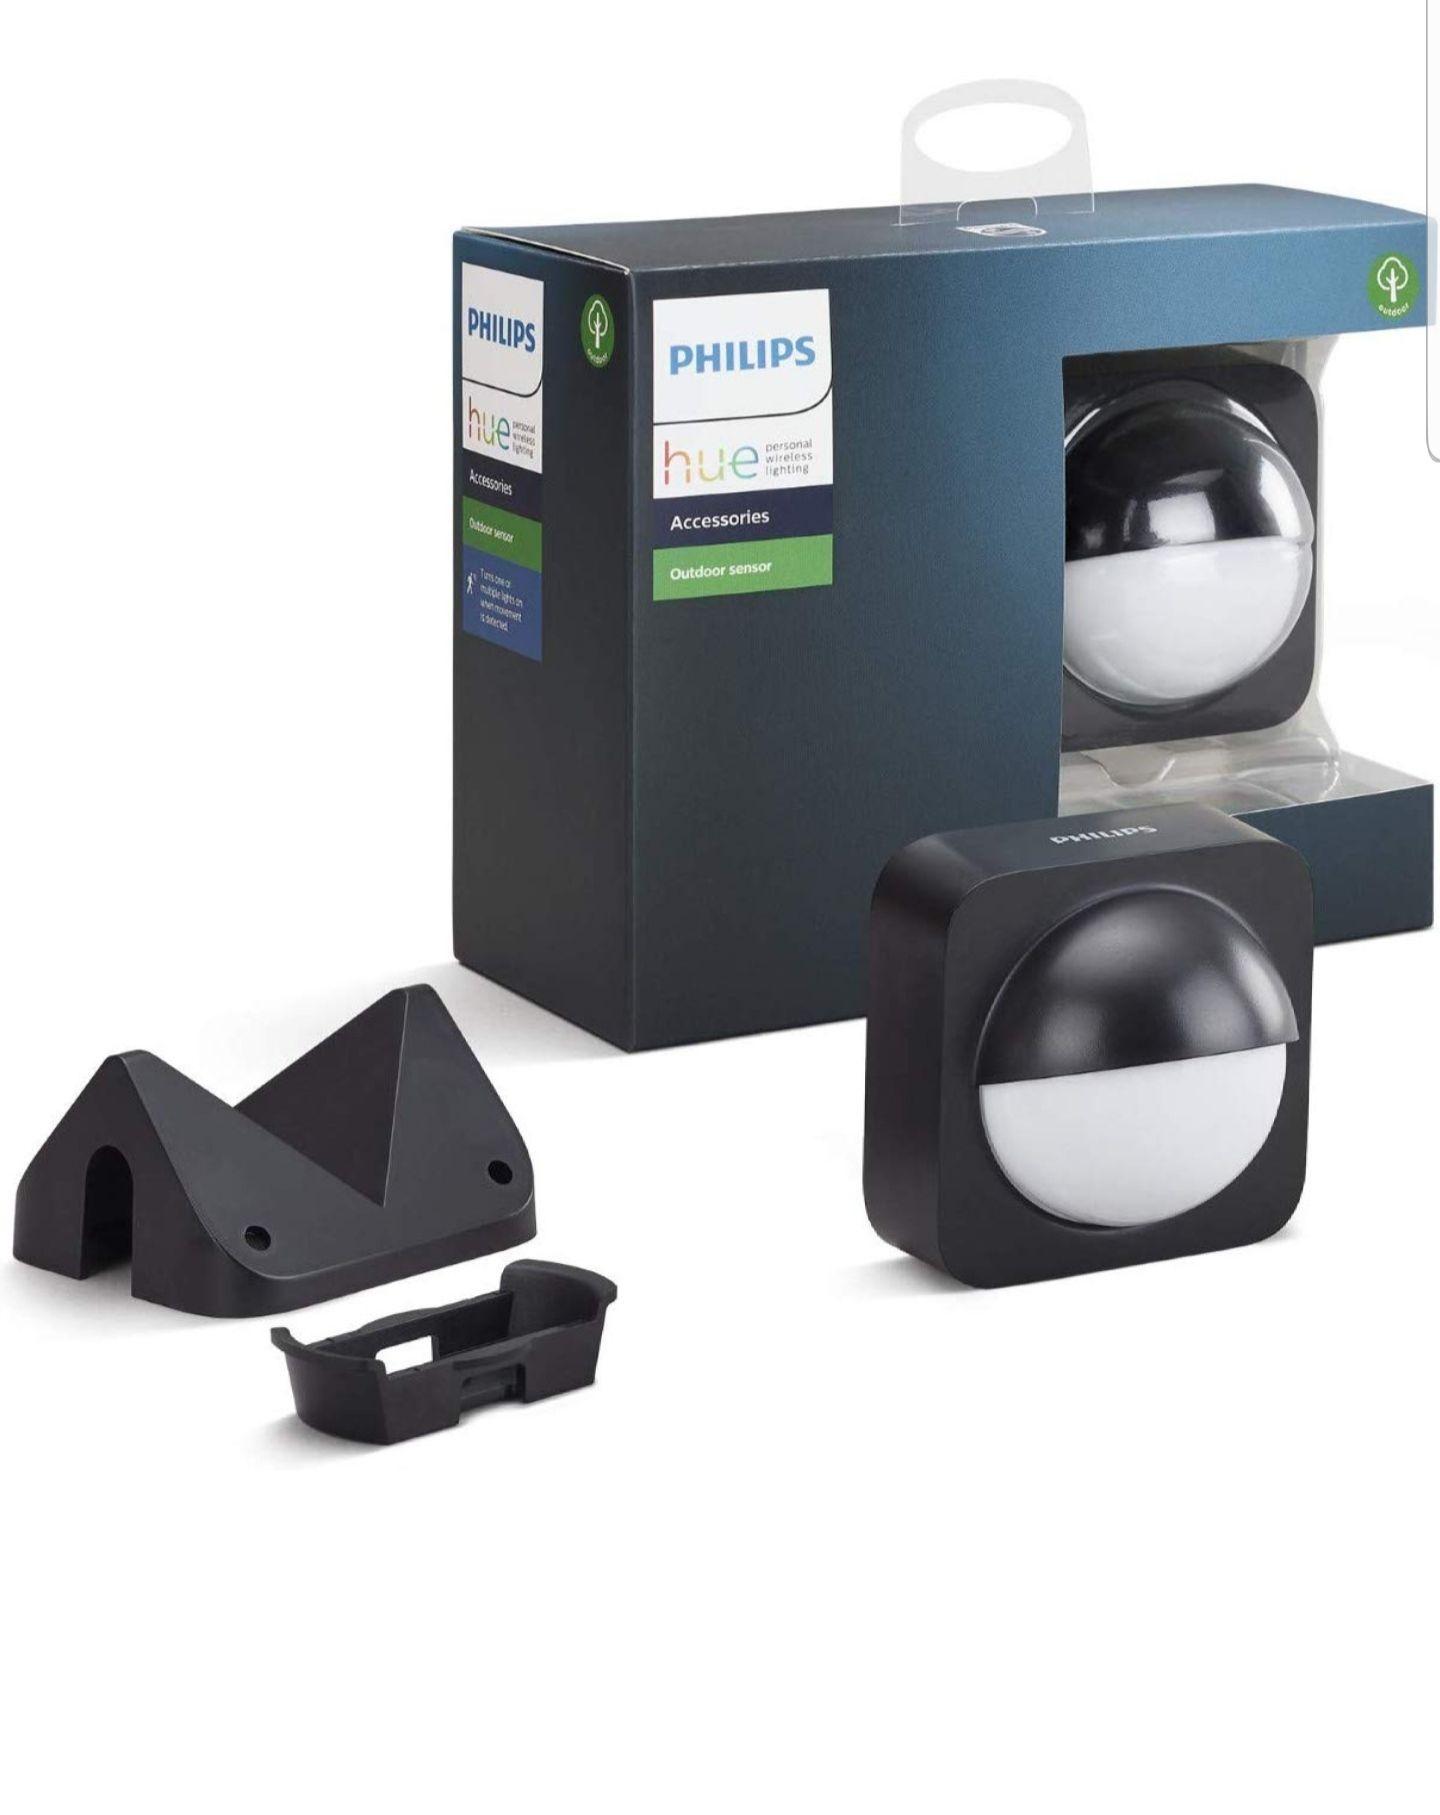 Philips Hue bewegingssensor voor buiten, geïntegreerde daglichtsensor, zwart